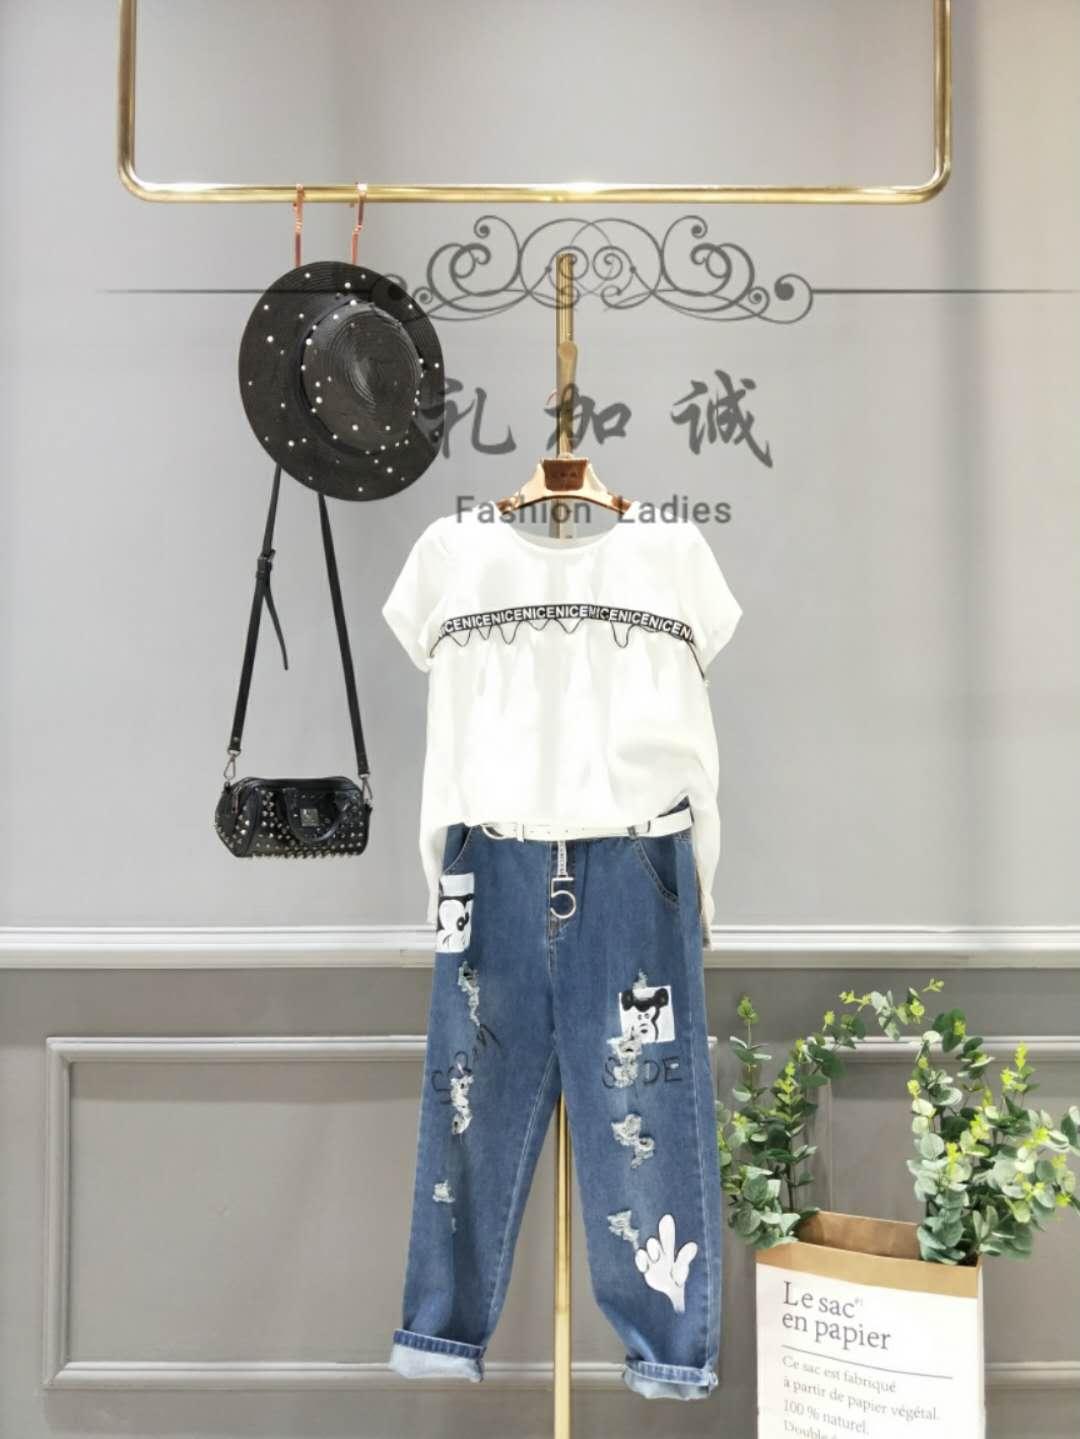 特价品牌女装折扣牛仔裤供应